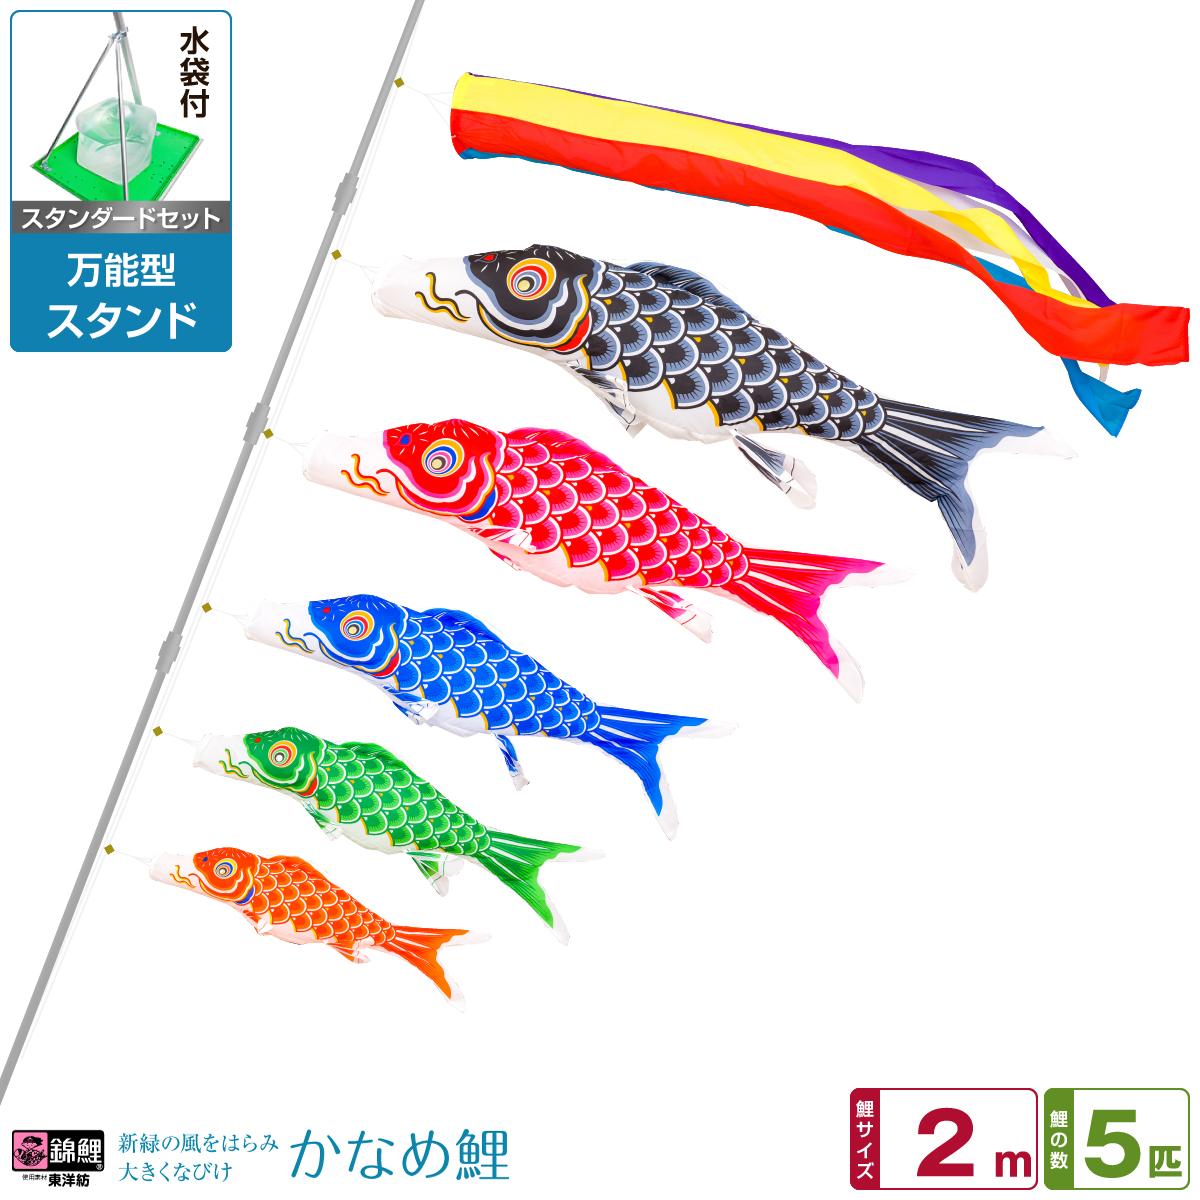 ベランダ用 こいのぼり 鯉のぼり 錦鯉 新緑の風になびく かなめ鯉 2m 8点(吹流し+鯉5匹+矢車+ロープ)/スタンダードセット(万能スタンド)